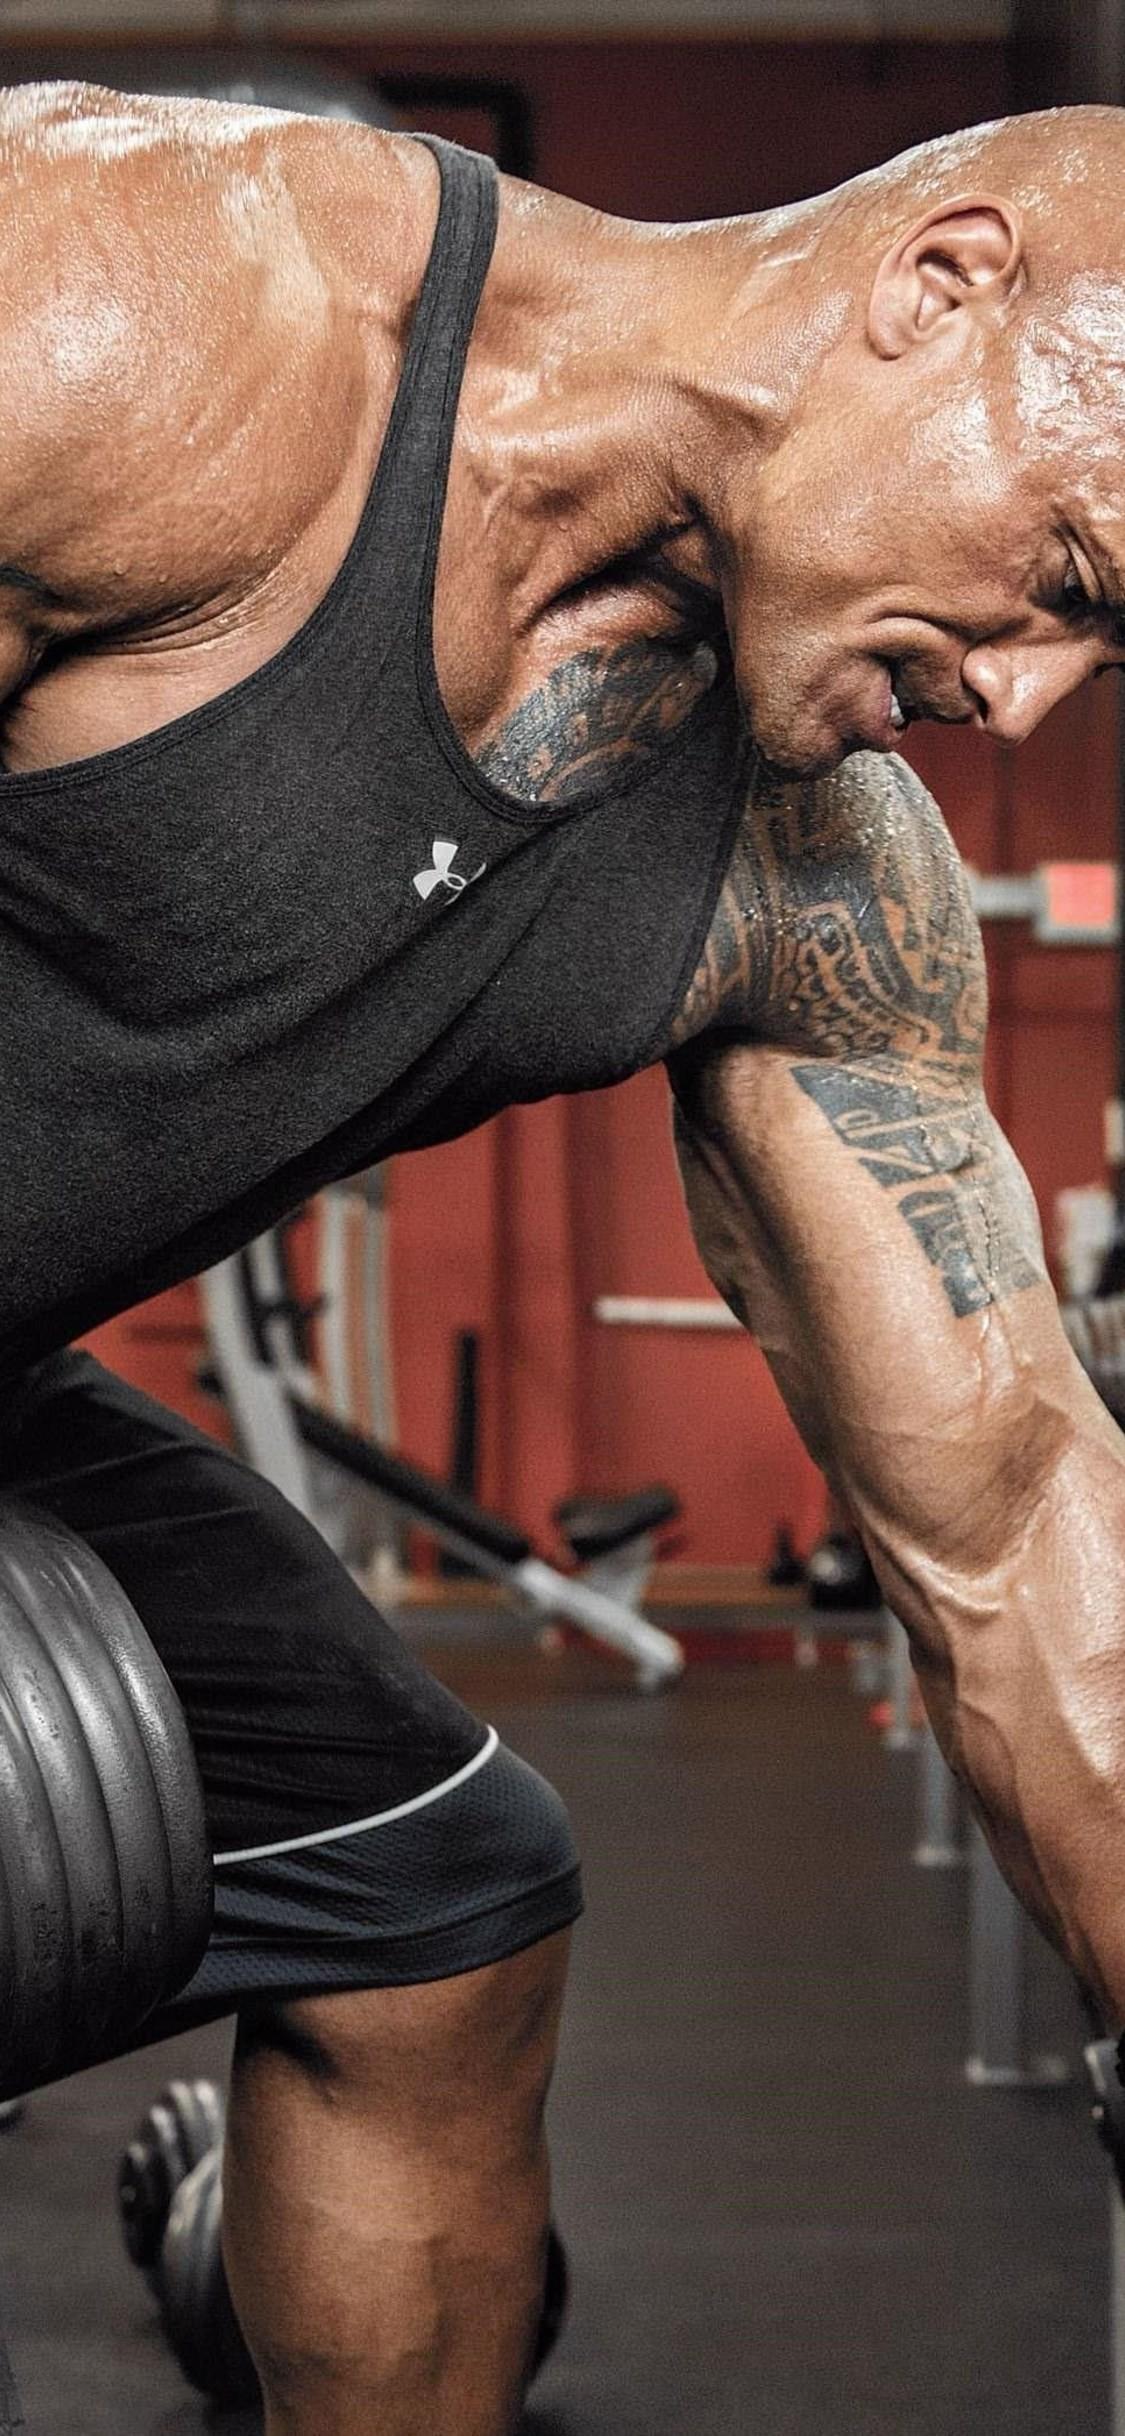 Res: 1125x2436, dwayne-johnson-workout-new.jpg